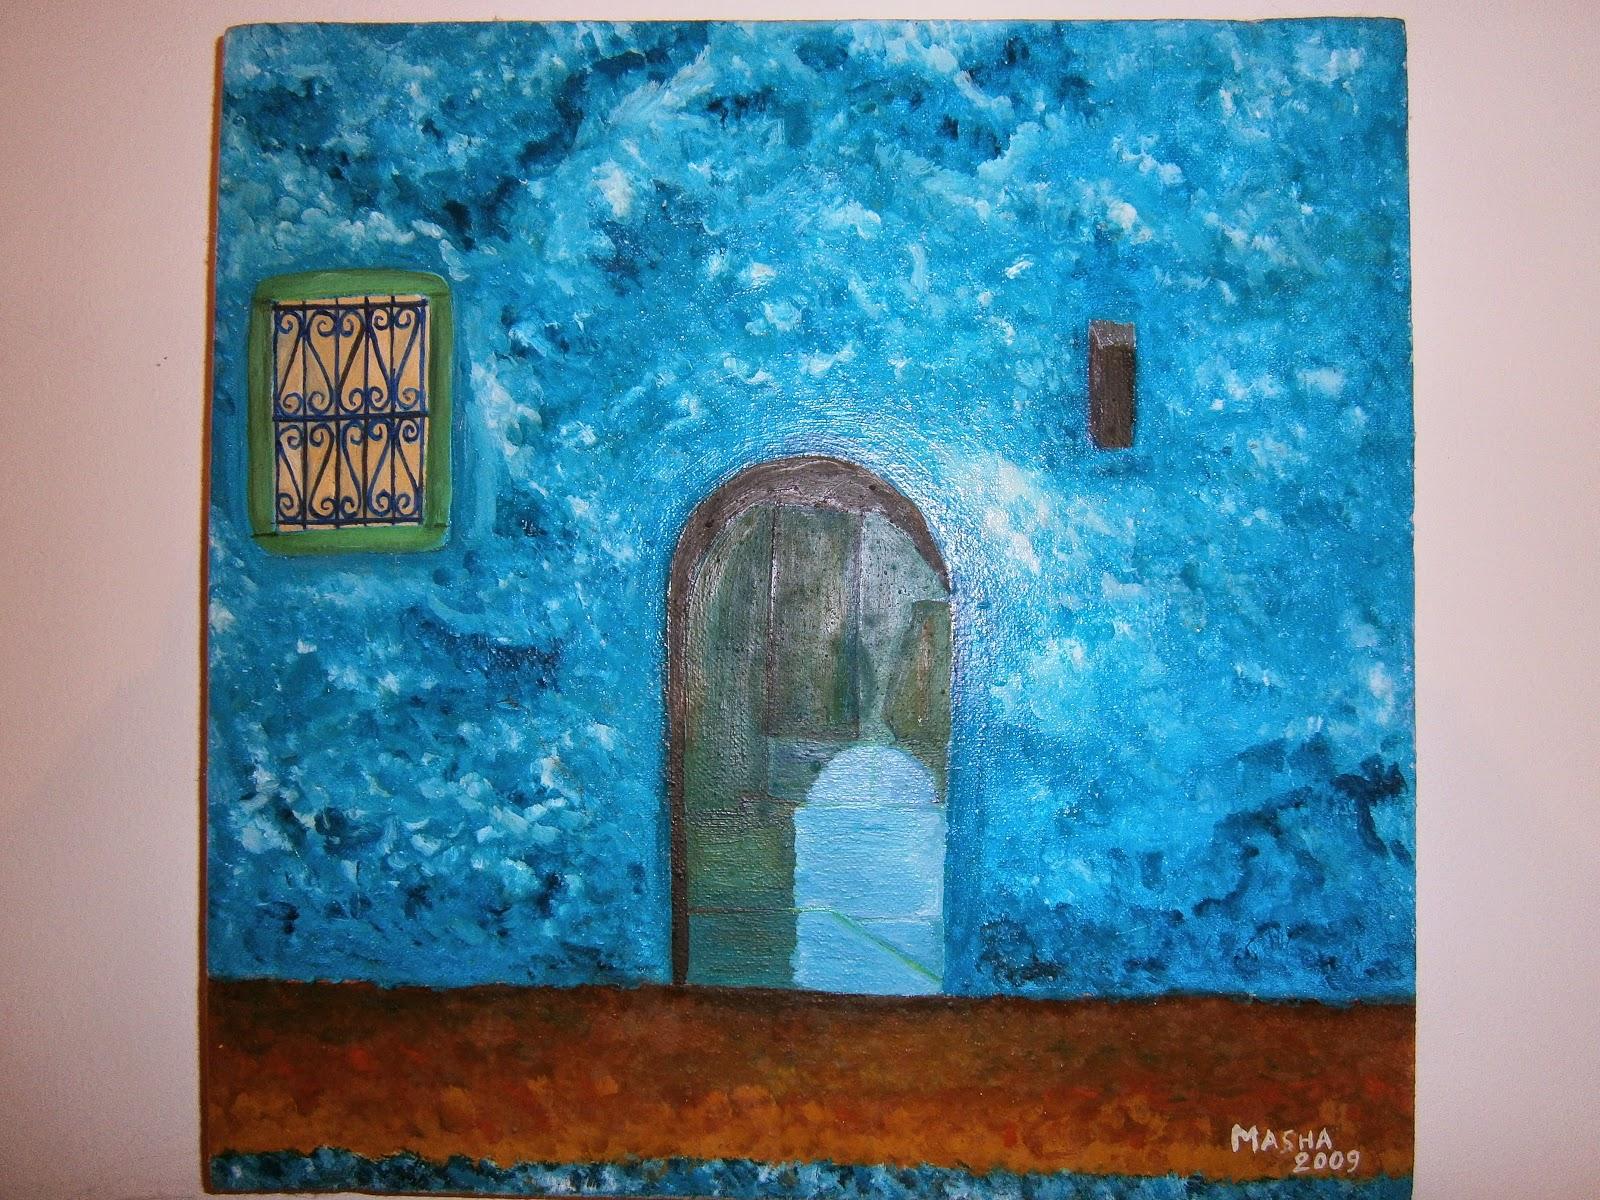 Tableaux de masha galerie for Peinture sur porte